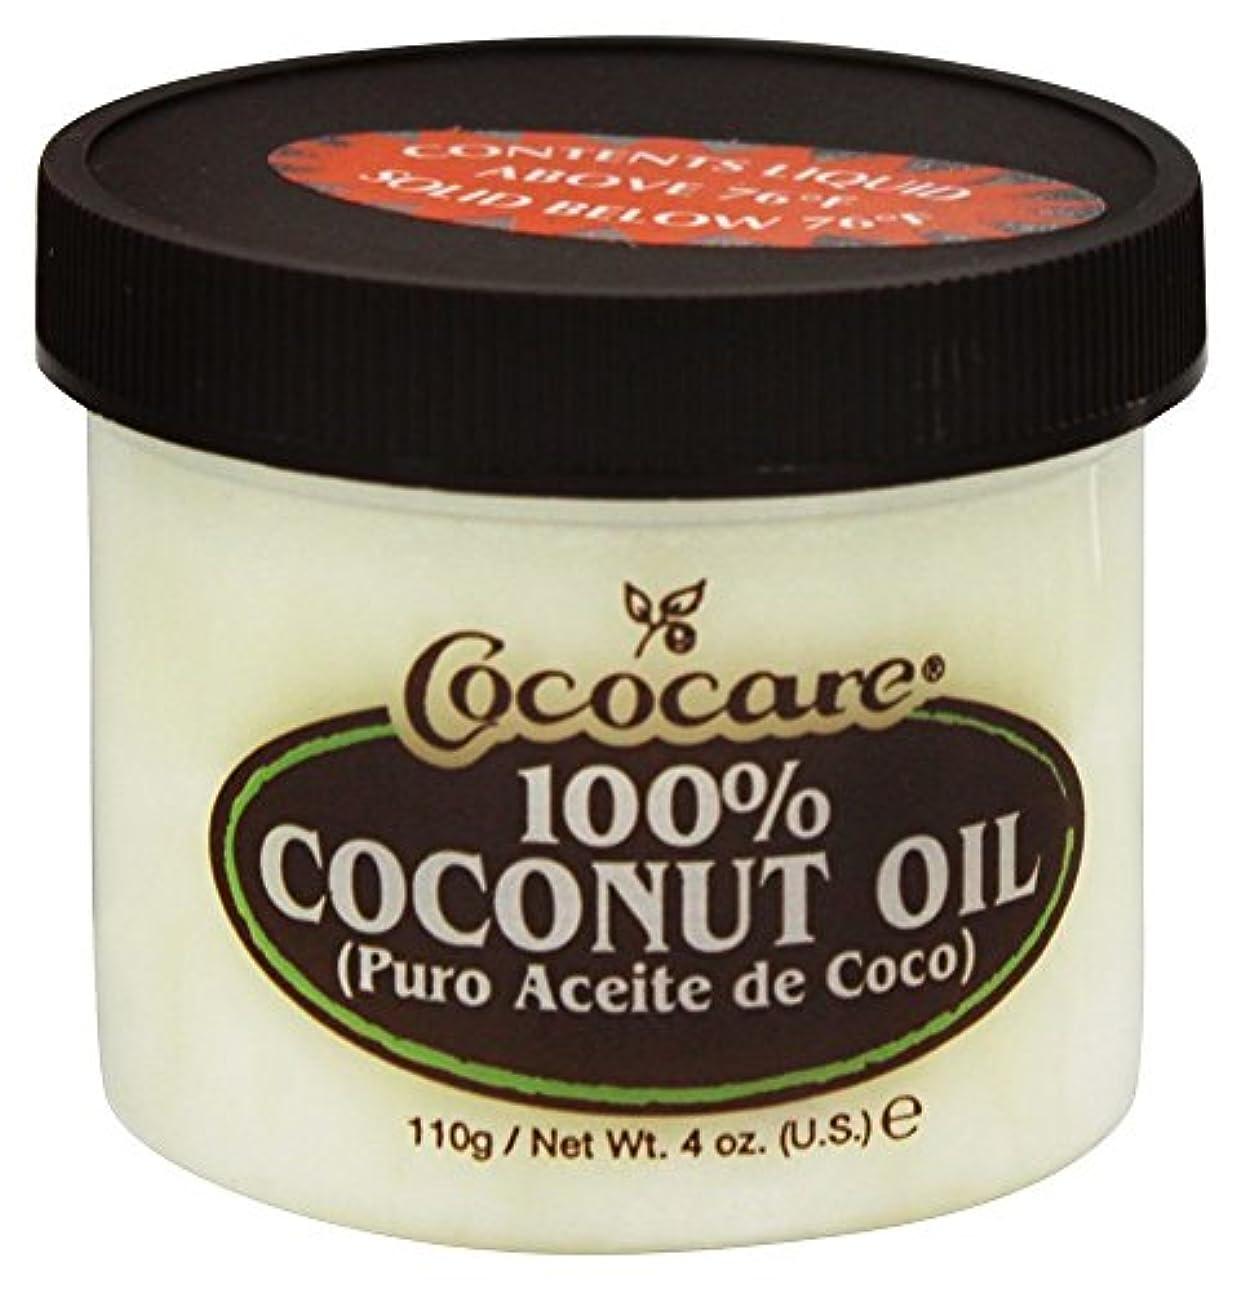 不明瞭異常な吸収するCococare - 100% ココナッツ オイル - 4ポンド [並行輸入品]